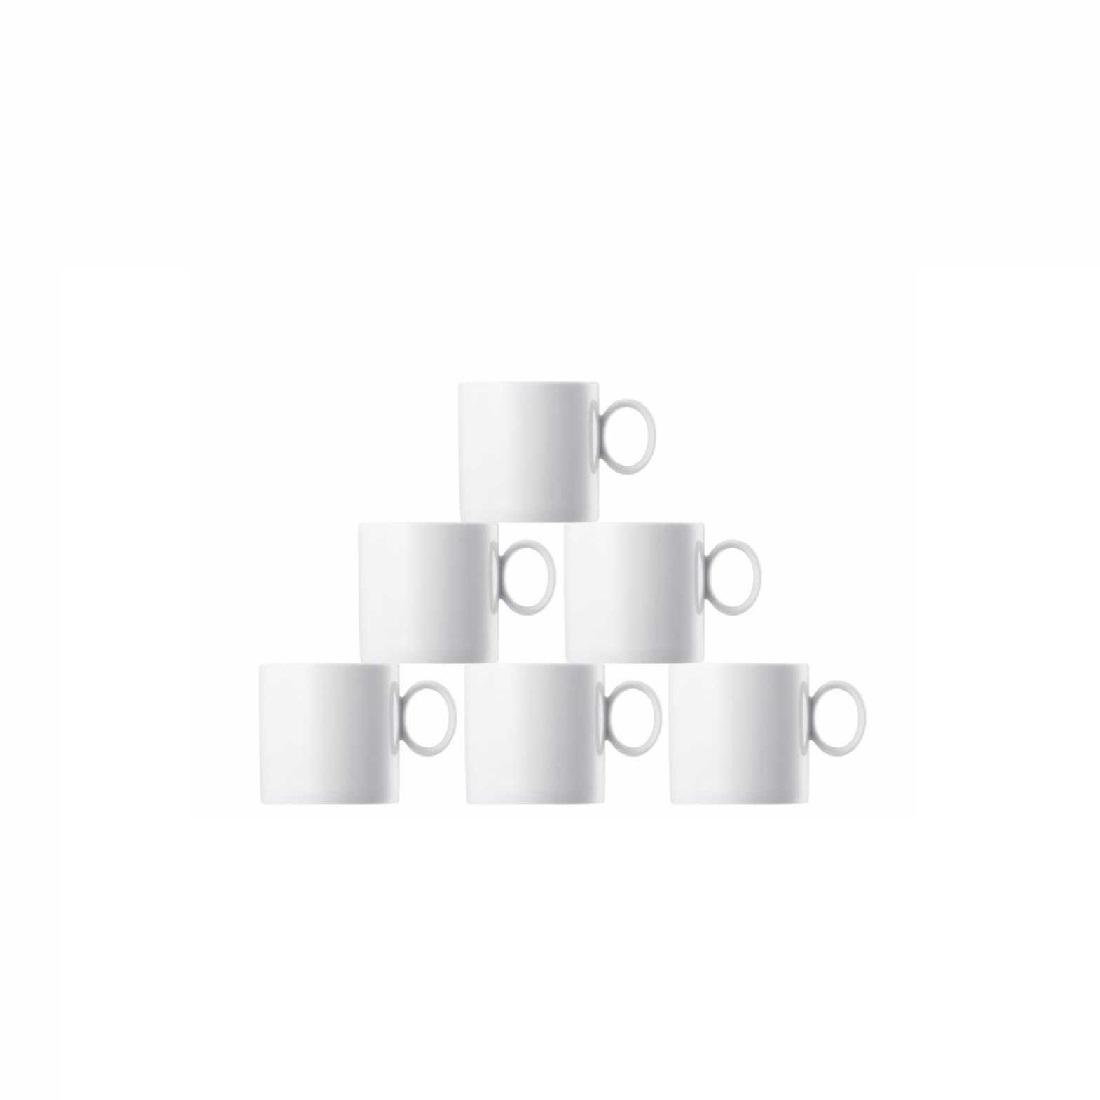 Набор кружек фарфоровых Rosenthal LOFT , белый, 6 штук Rosenthal 11900-800001-29217 фото 1